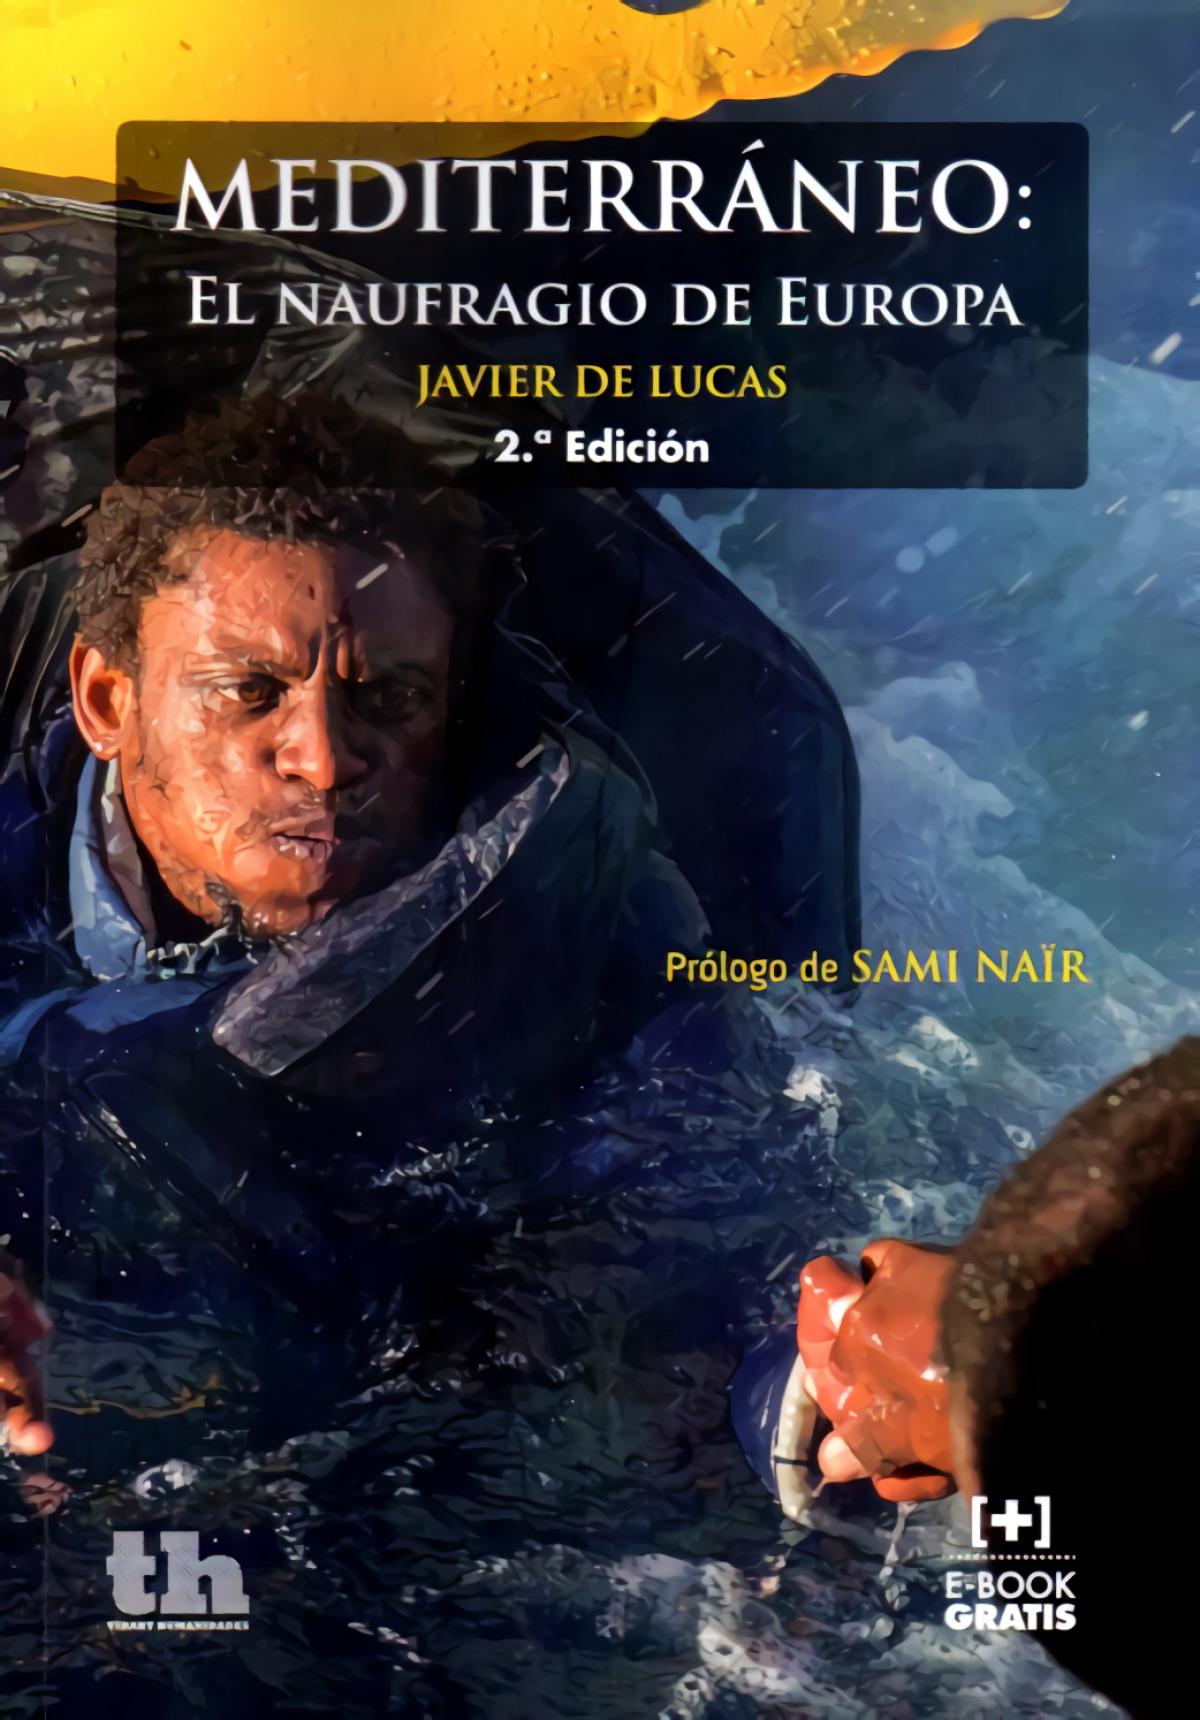 Mediterráneo: El naufragio de Europa 2a. Edición 2016 9788416556595